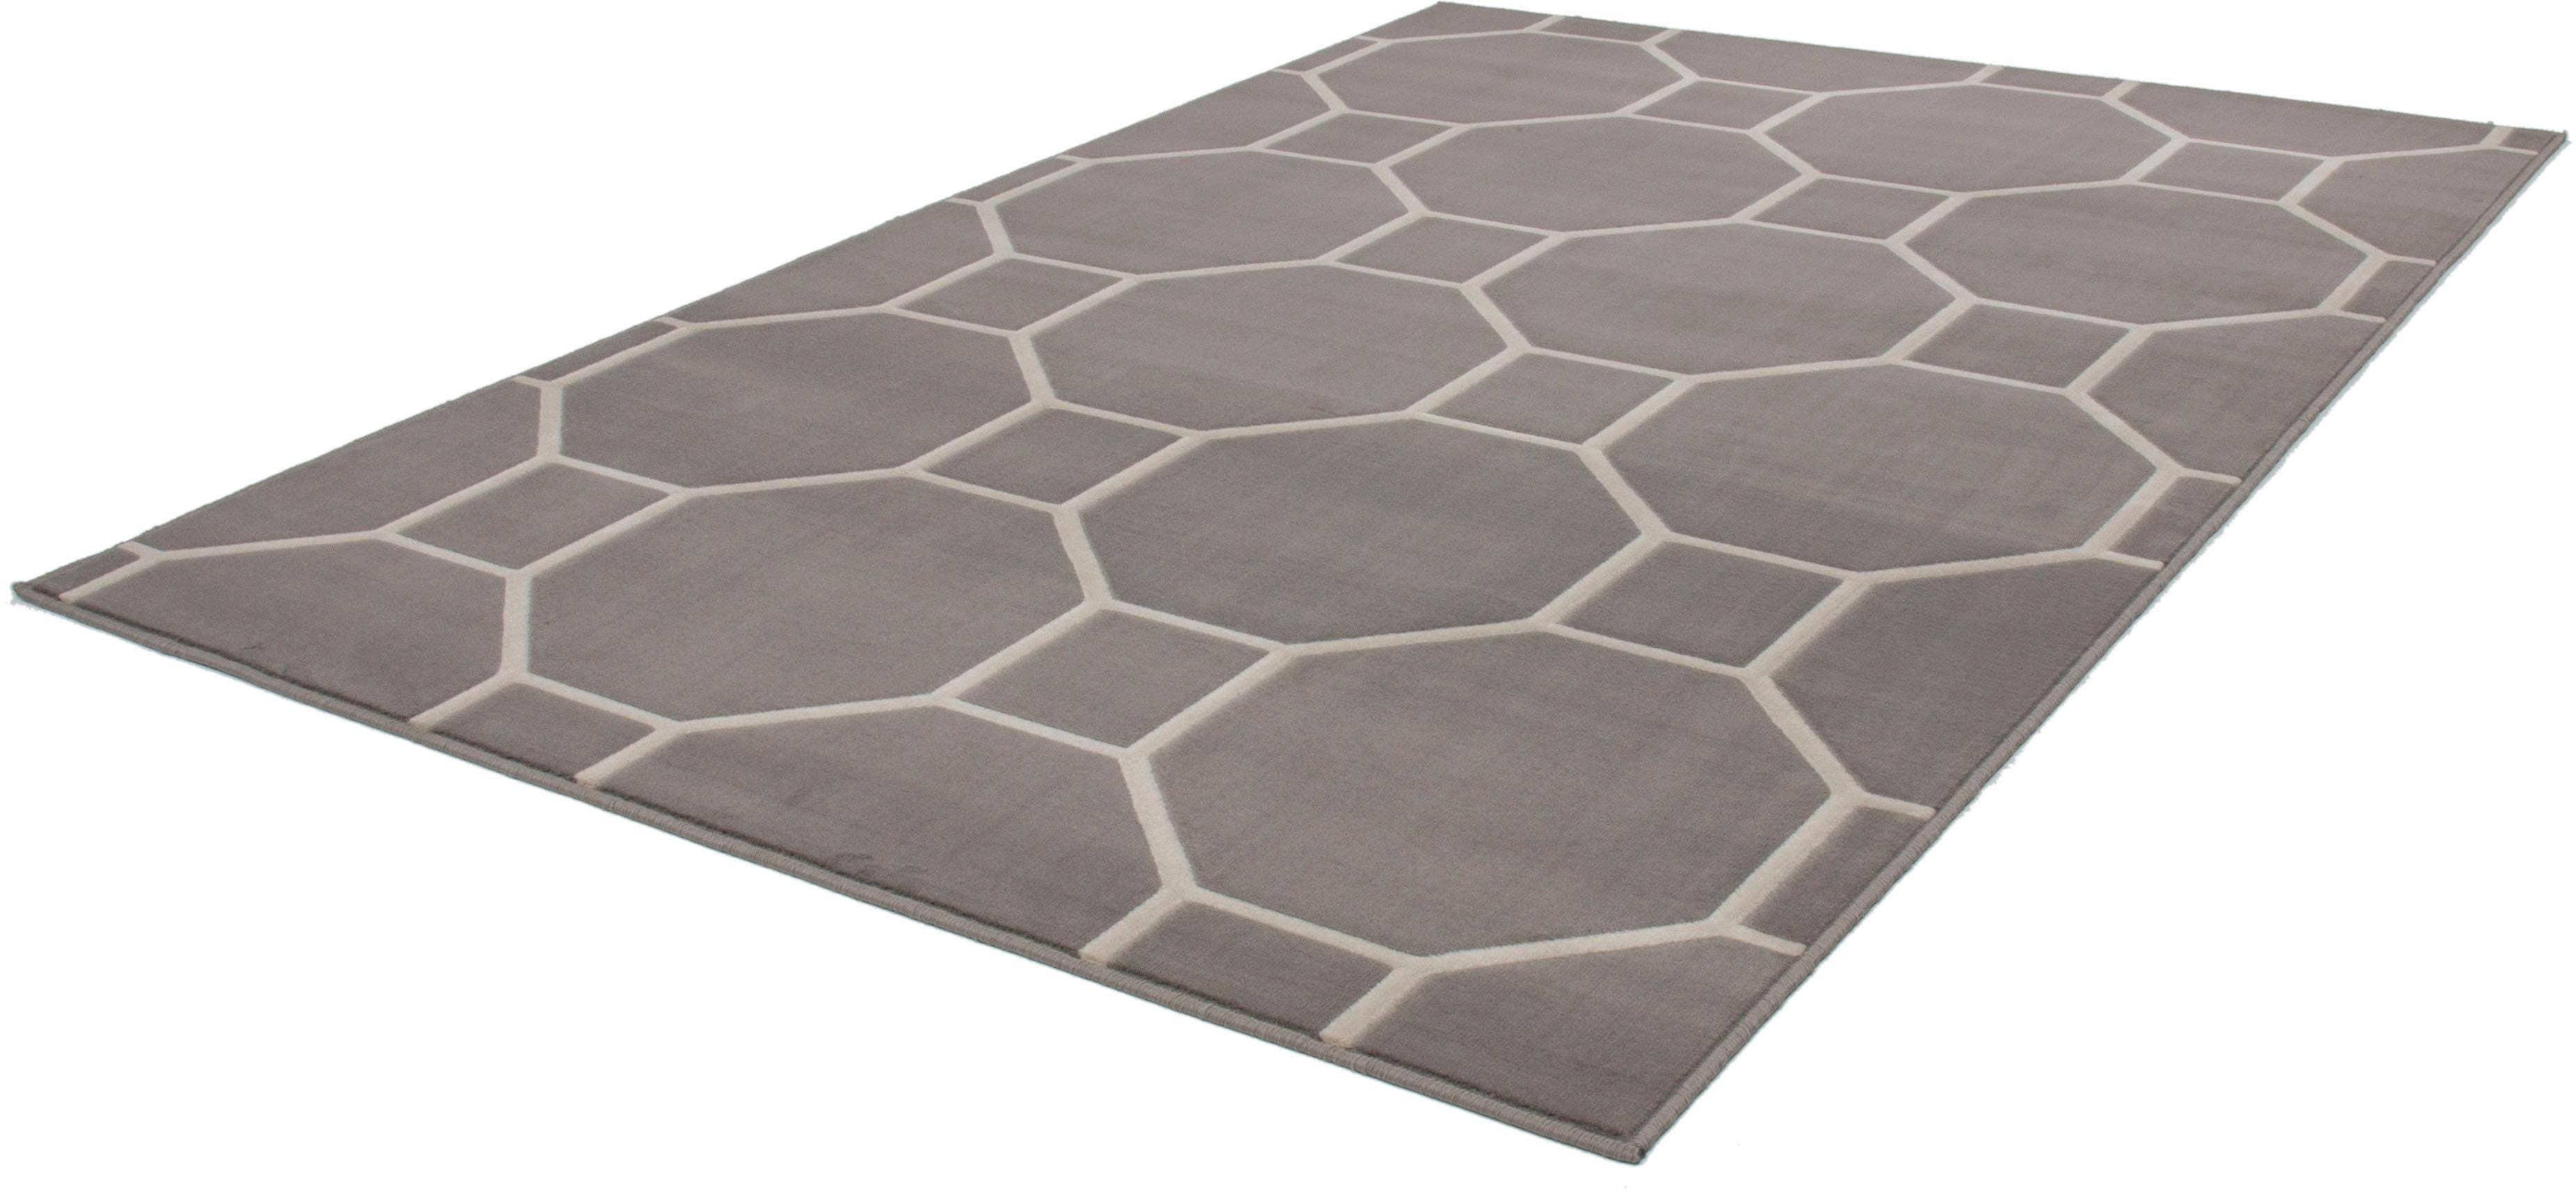 Teppich Aloisy 660 calo-deluxe rechteckig Höhe 10 mm maschinell gewebt